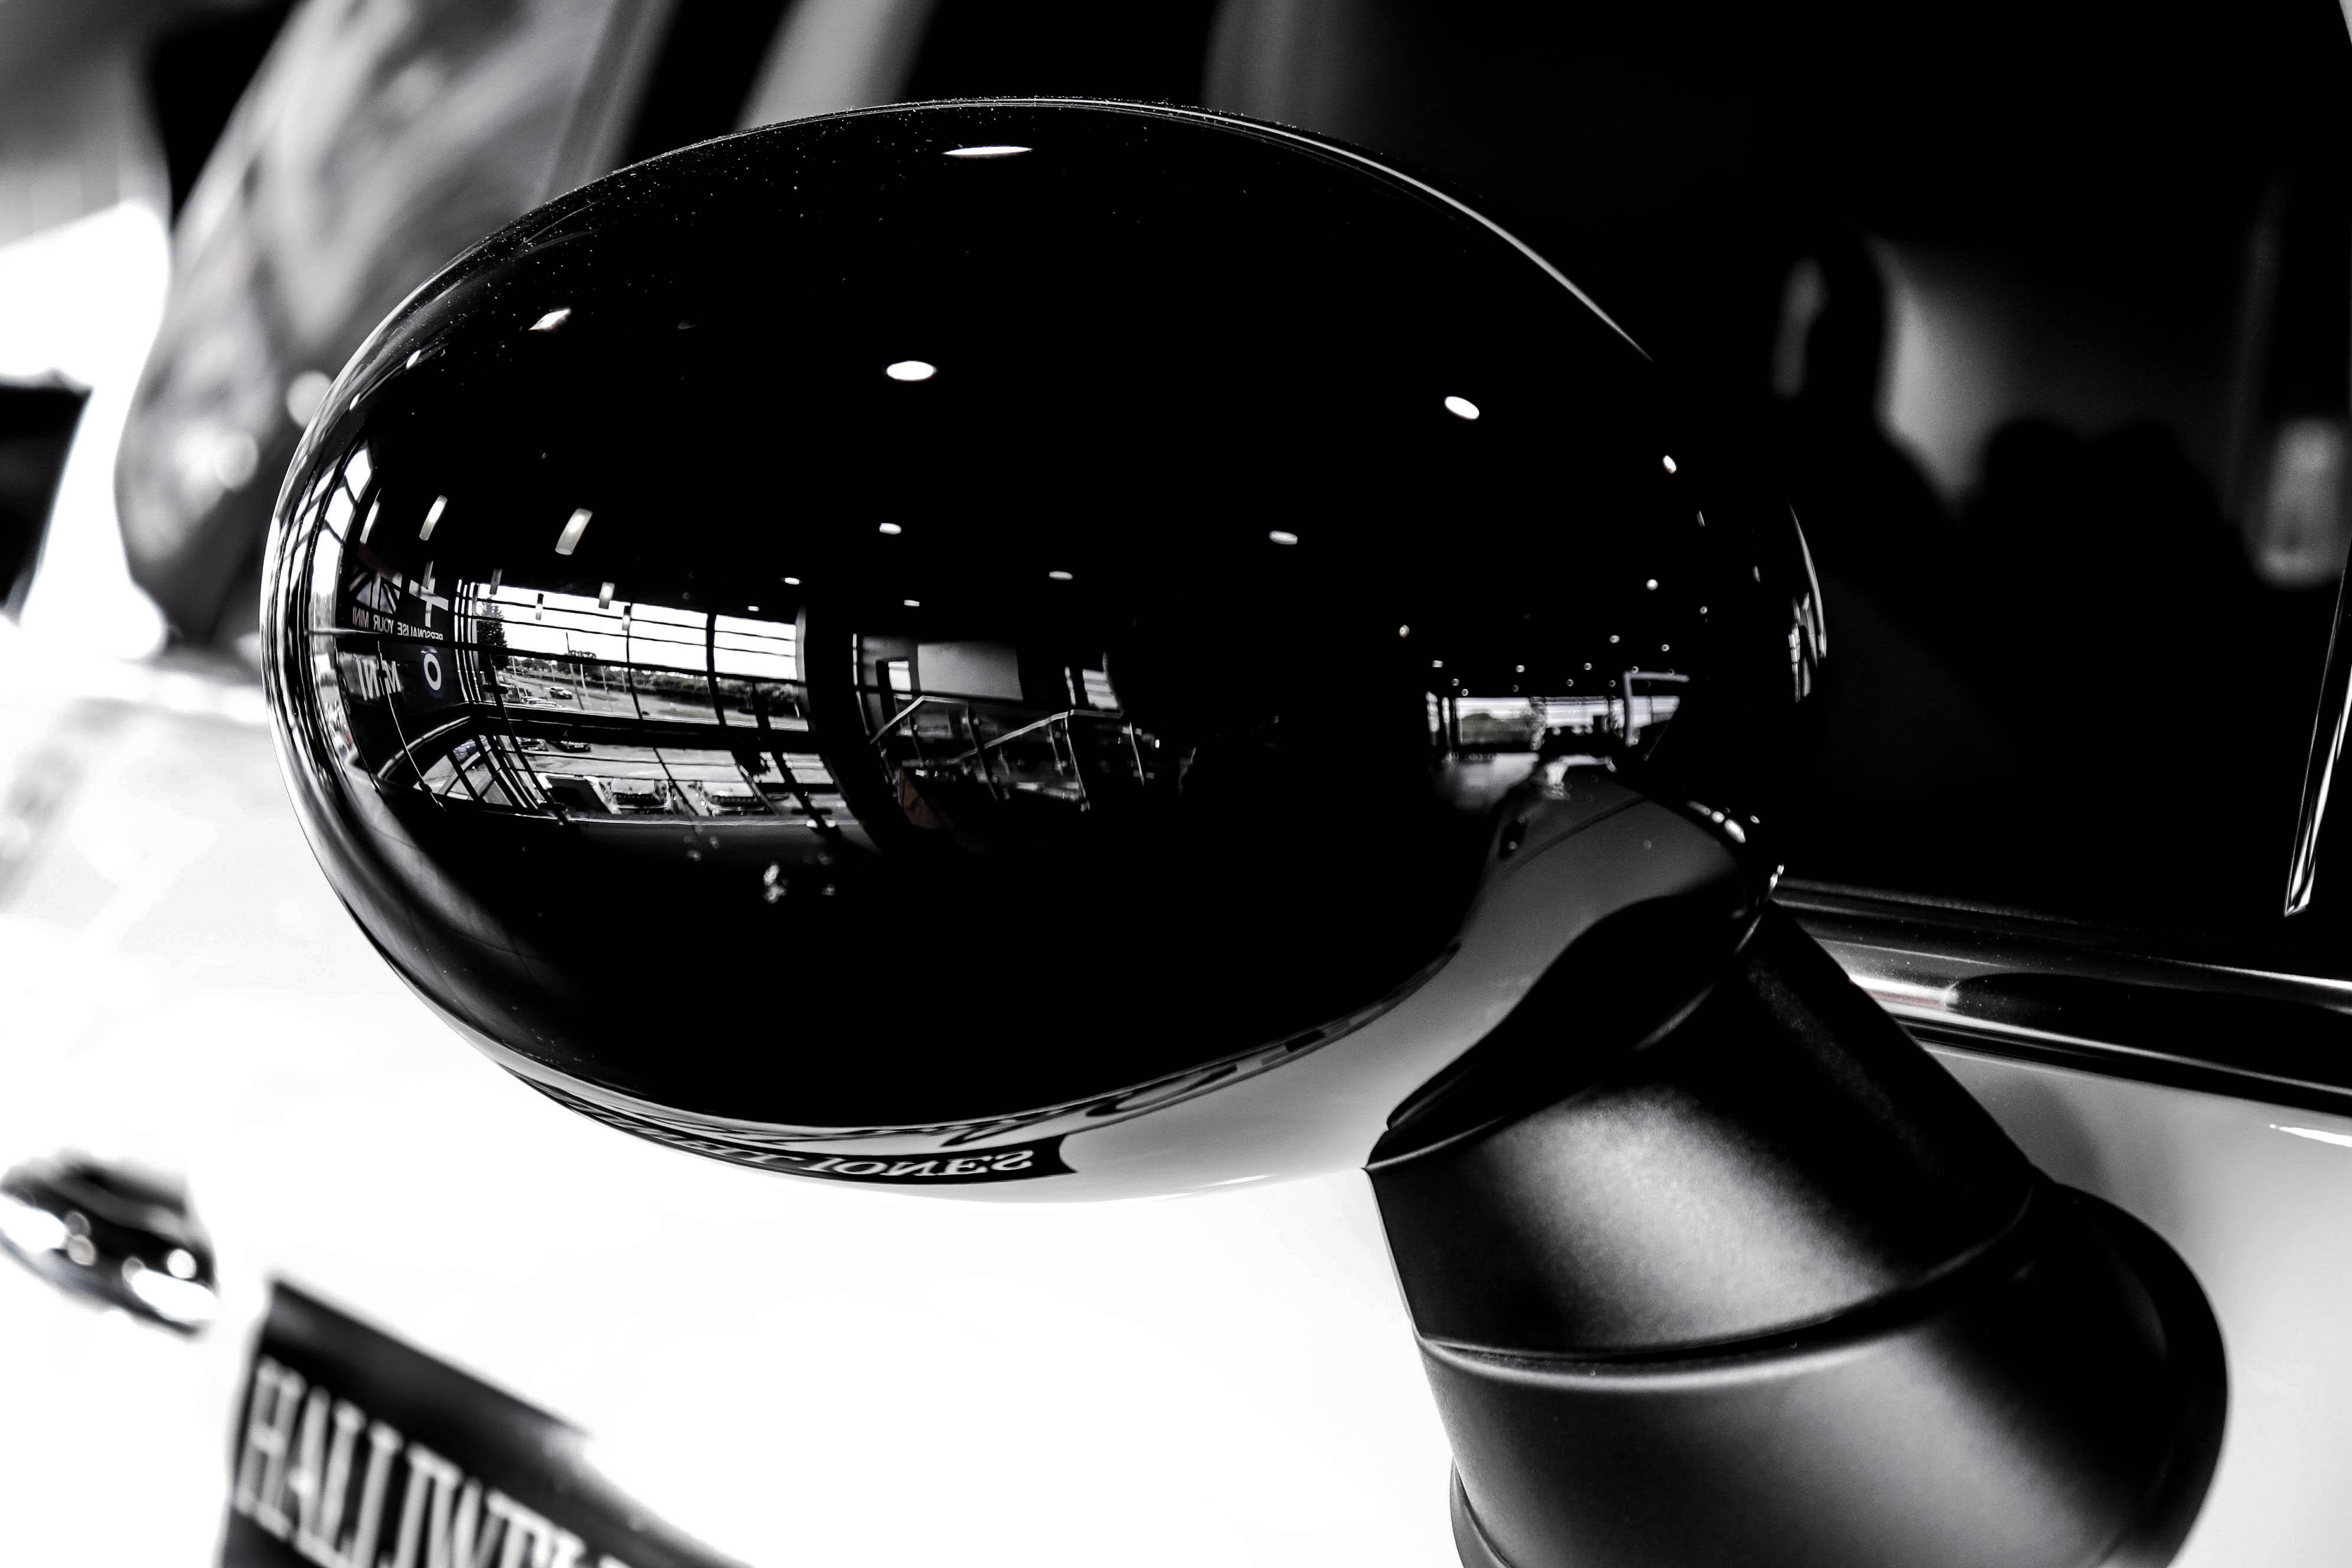 Halliwell Jones Bmw >> MINI Cooper 3-door Black Edition